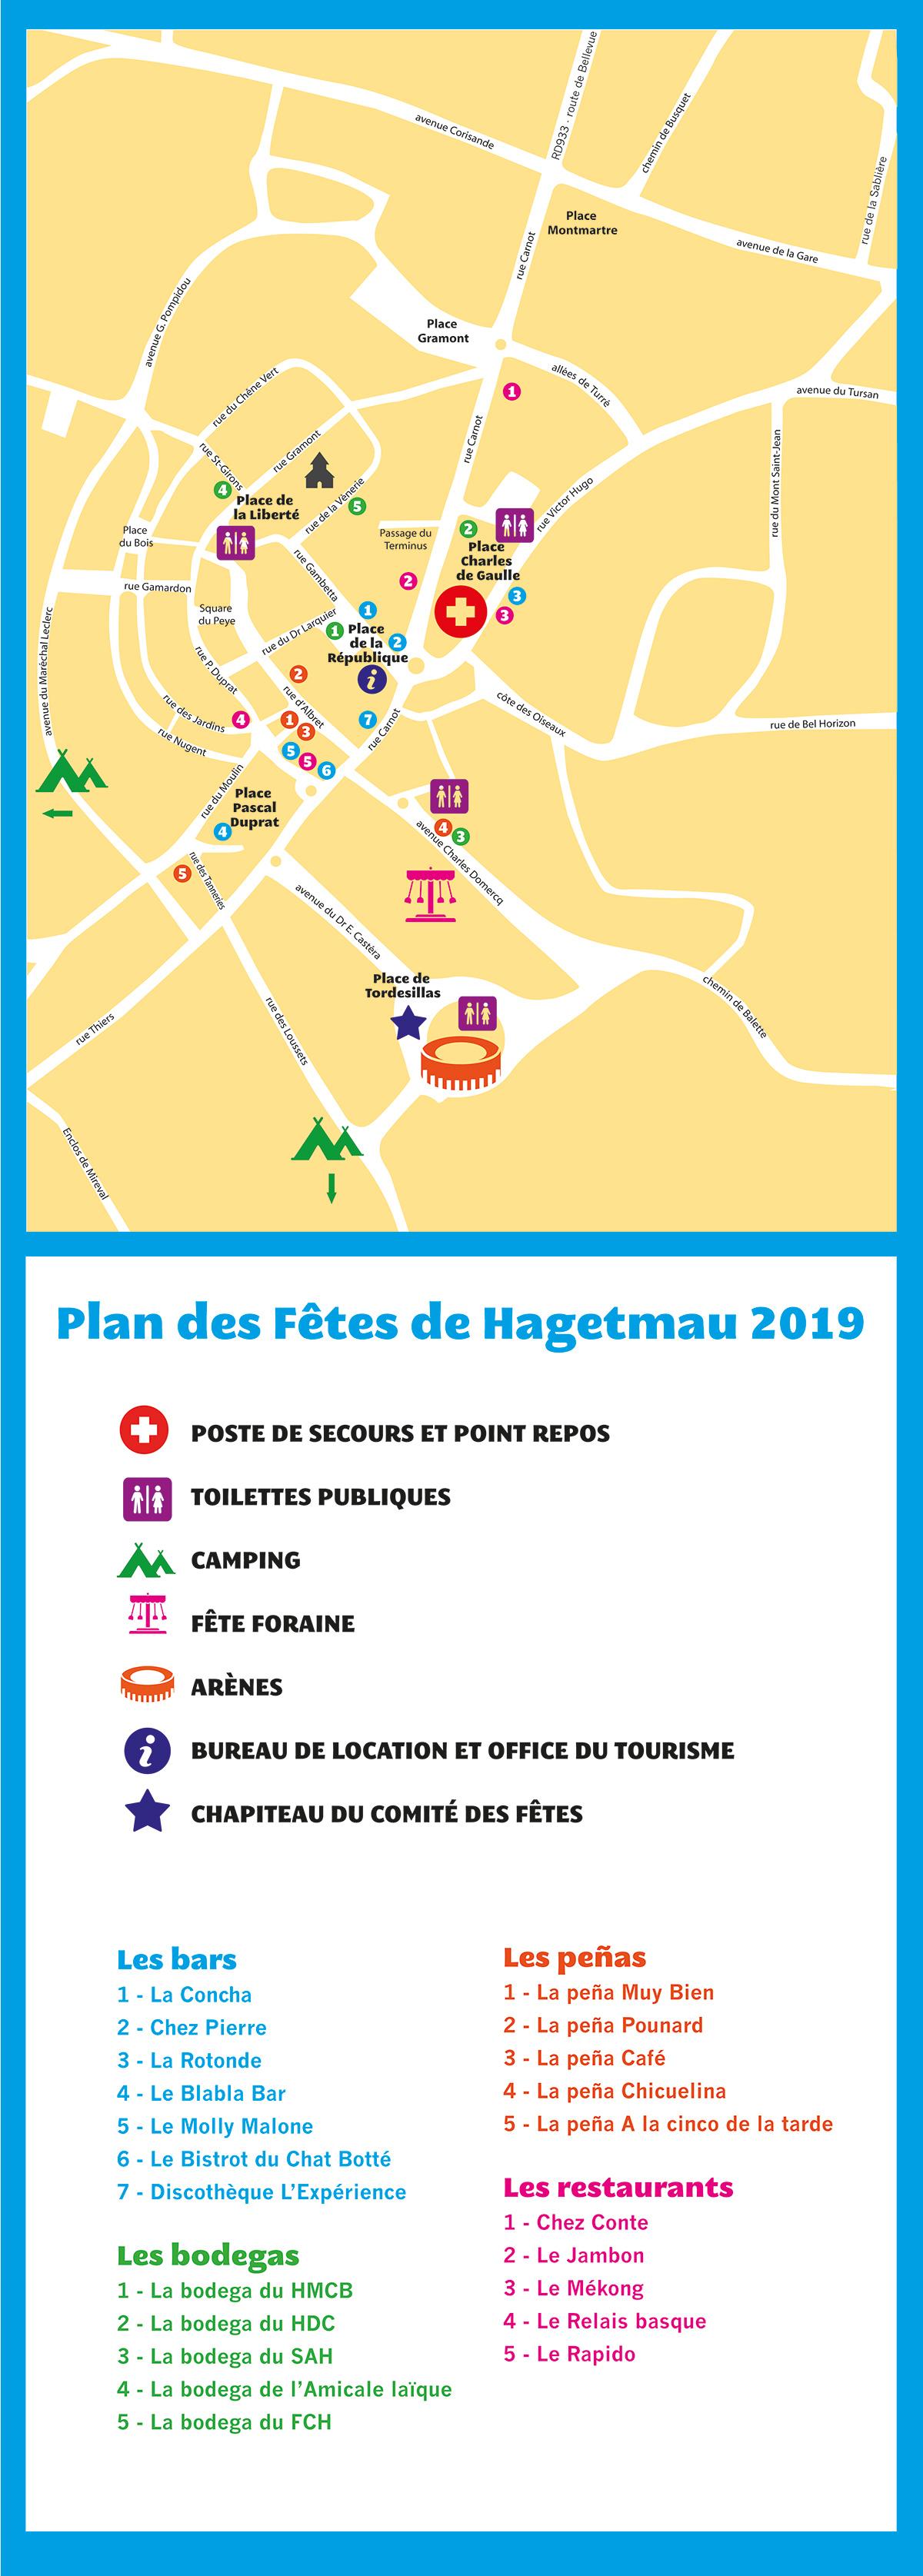 Le plan complet des Fêtes de Hagetmau 2019